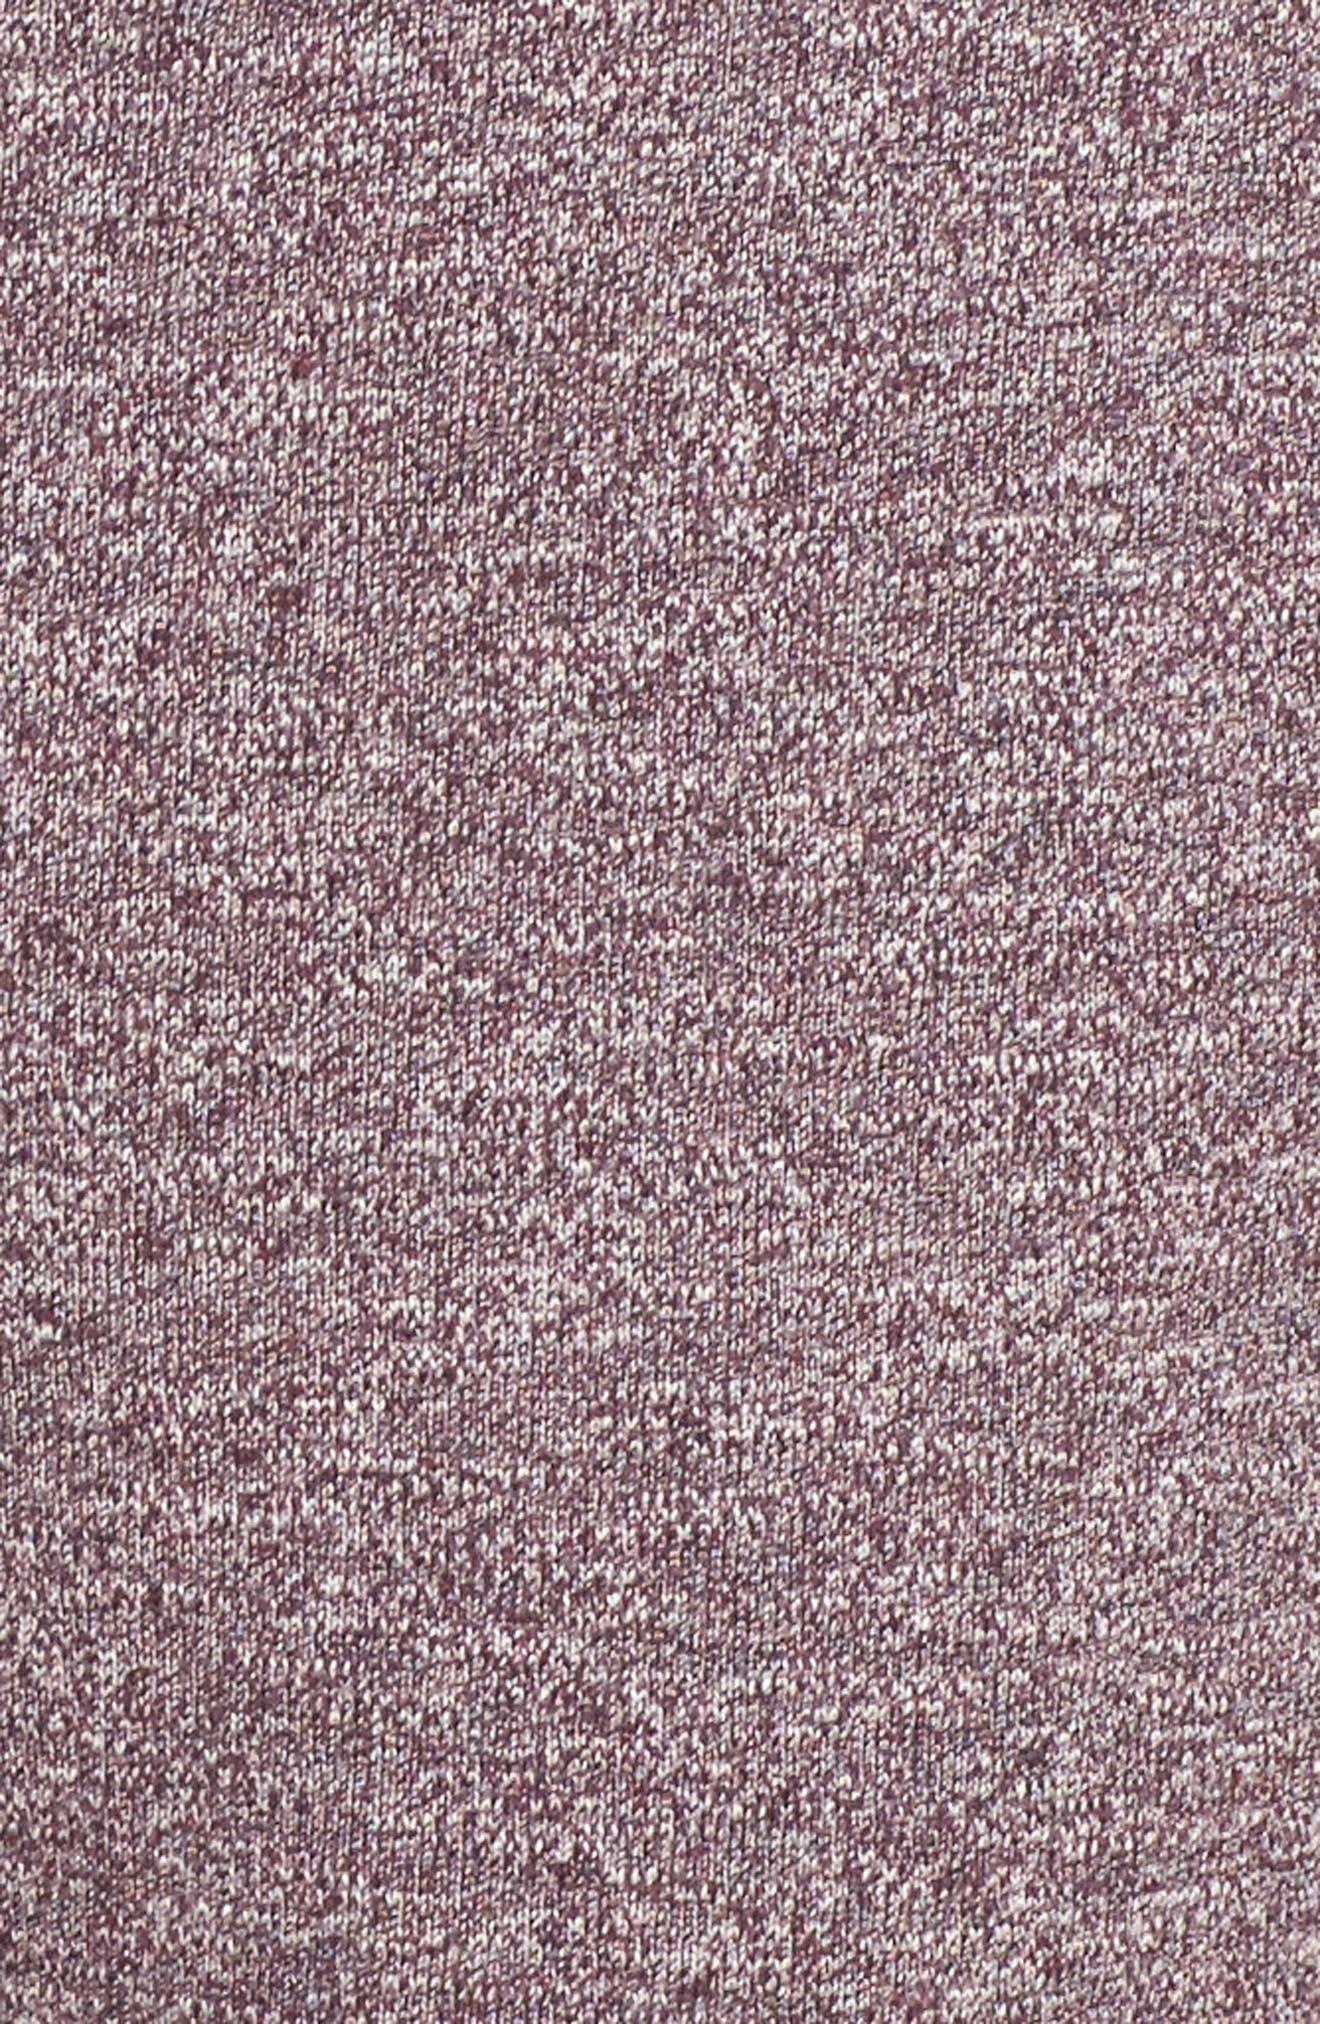 Clementine Cotton Sweatpants,                             Alternate thumbnail 15, color,